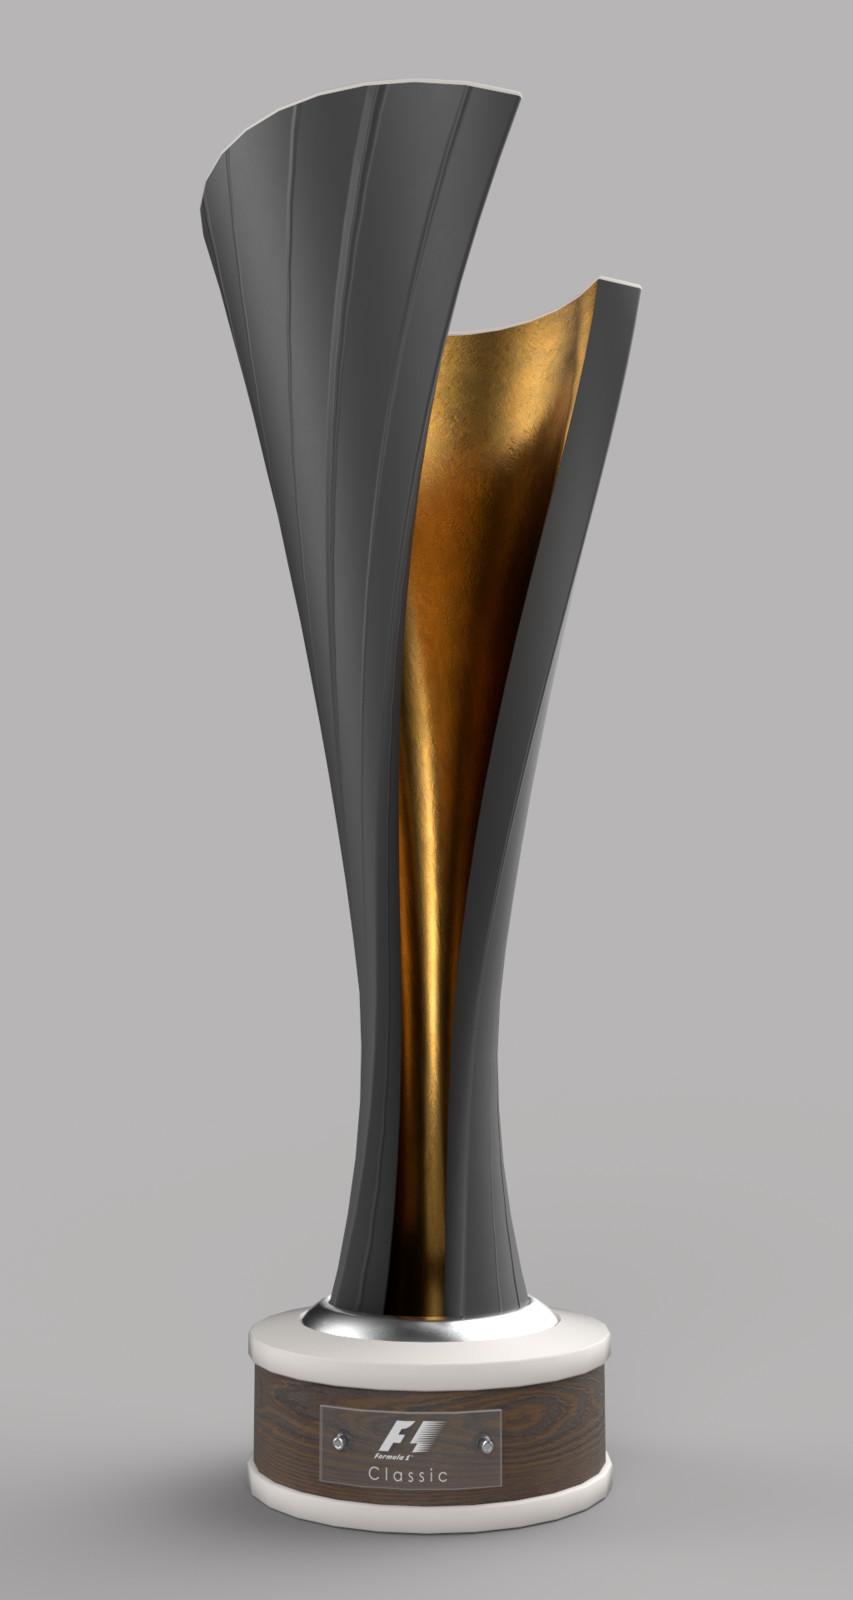 F1 Classic Trophy